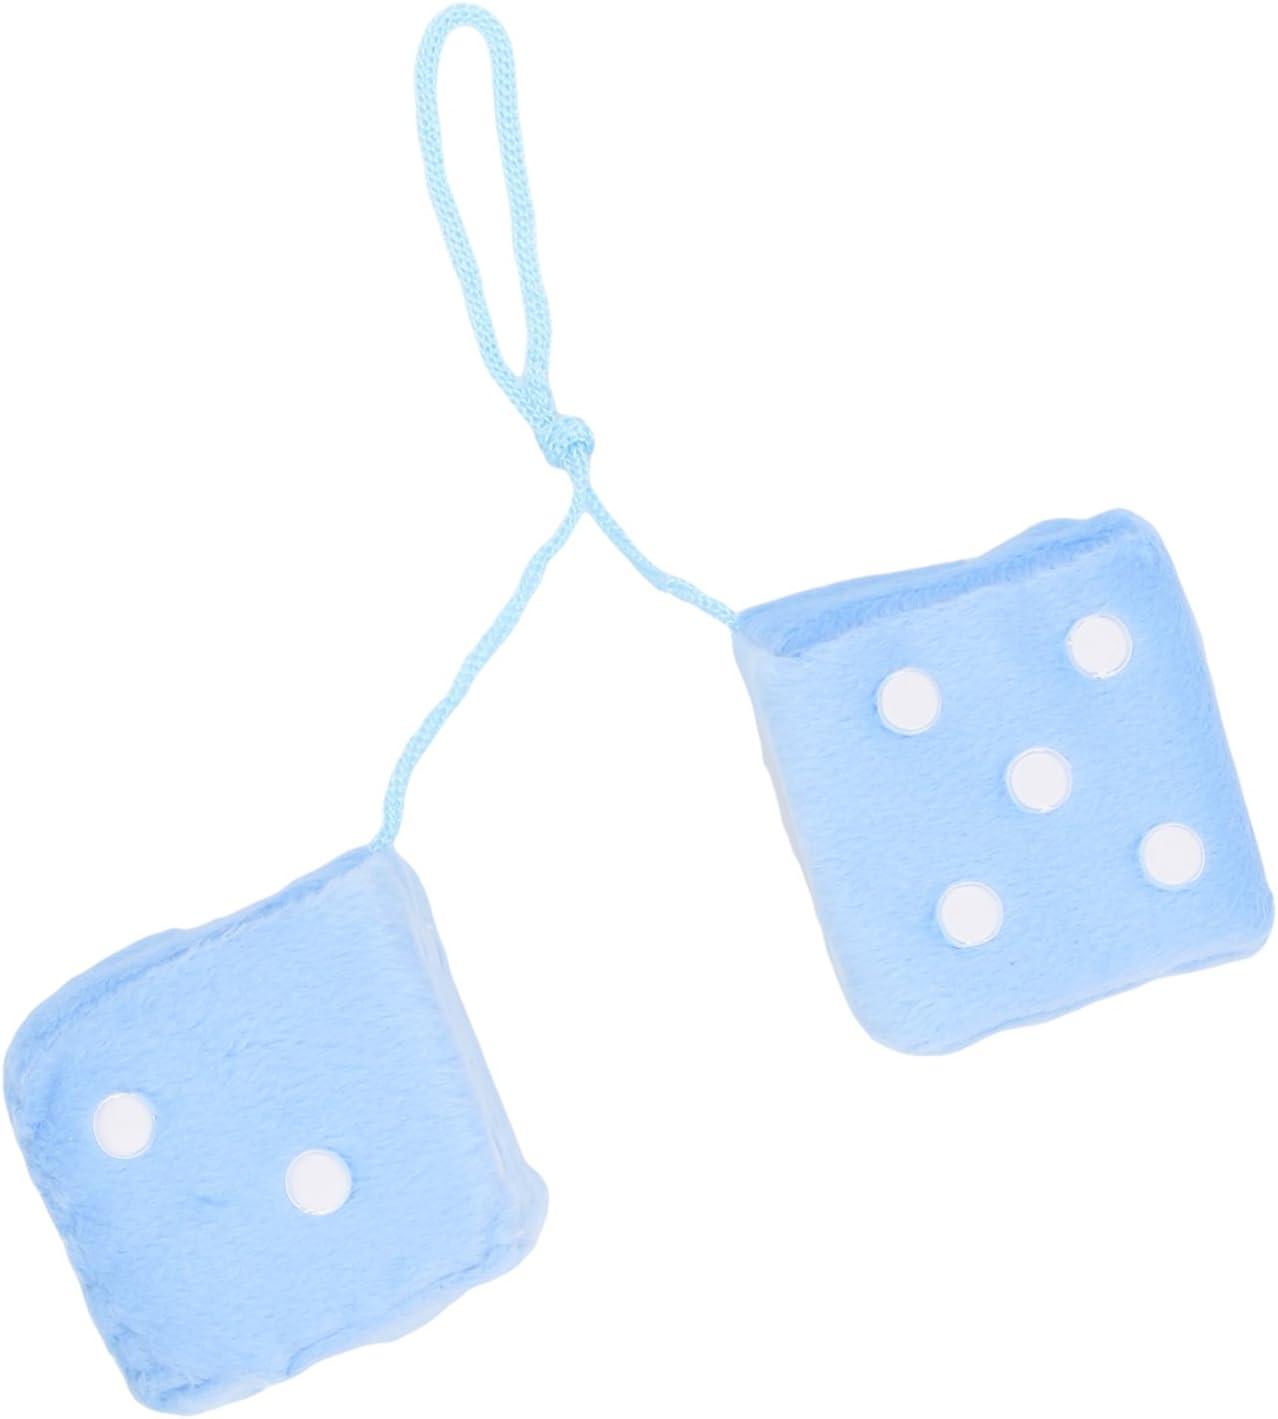 Sumex DADOS30 Dados Azules/Puntos Blancos Decorativos, 7X7 cm